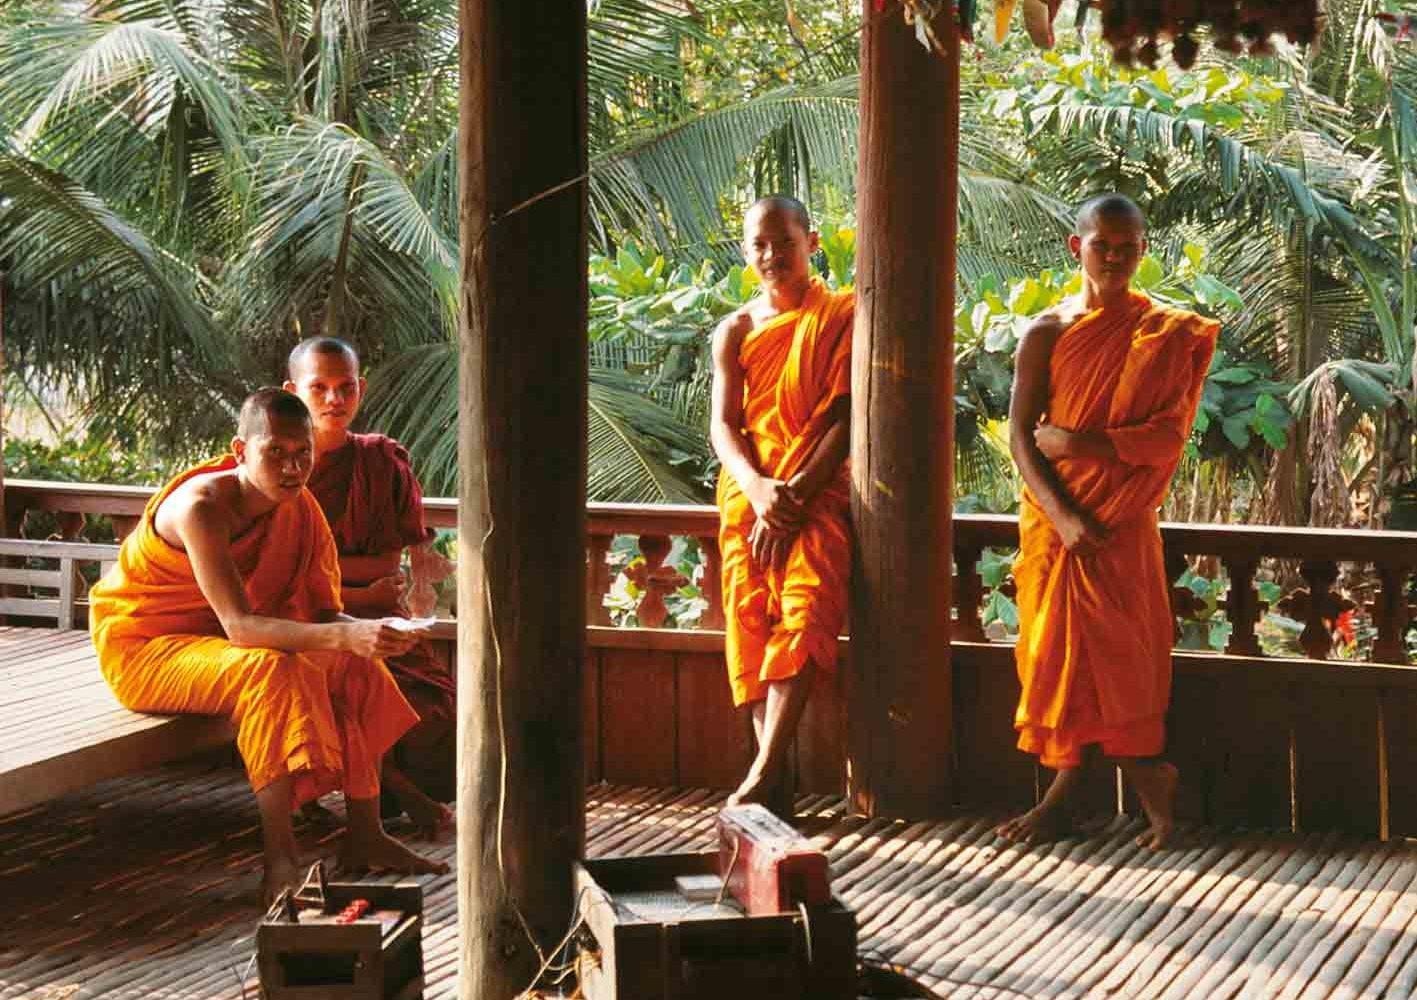 Viele Kambodschaner leben einige Zeit im Kloster.